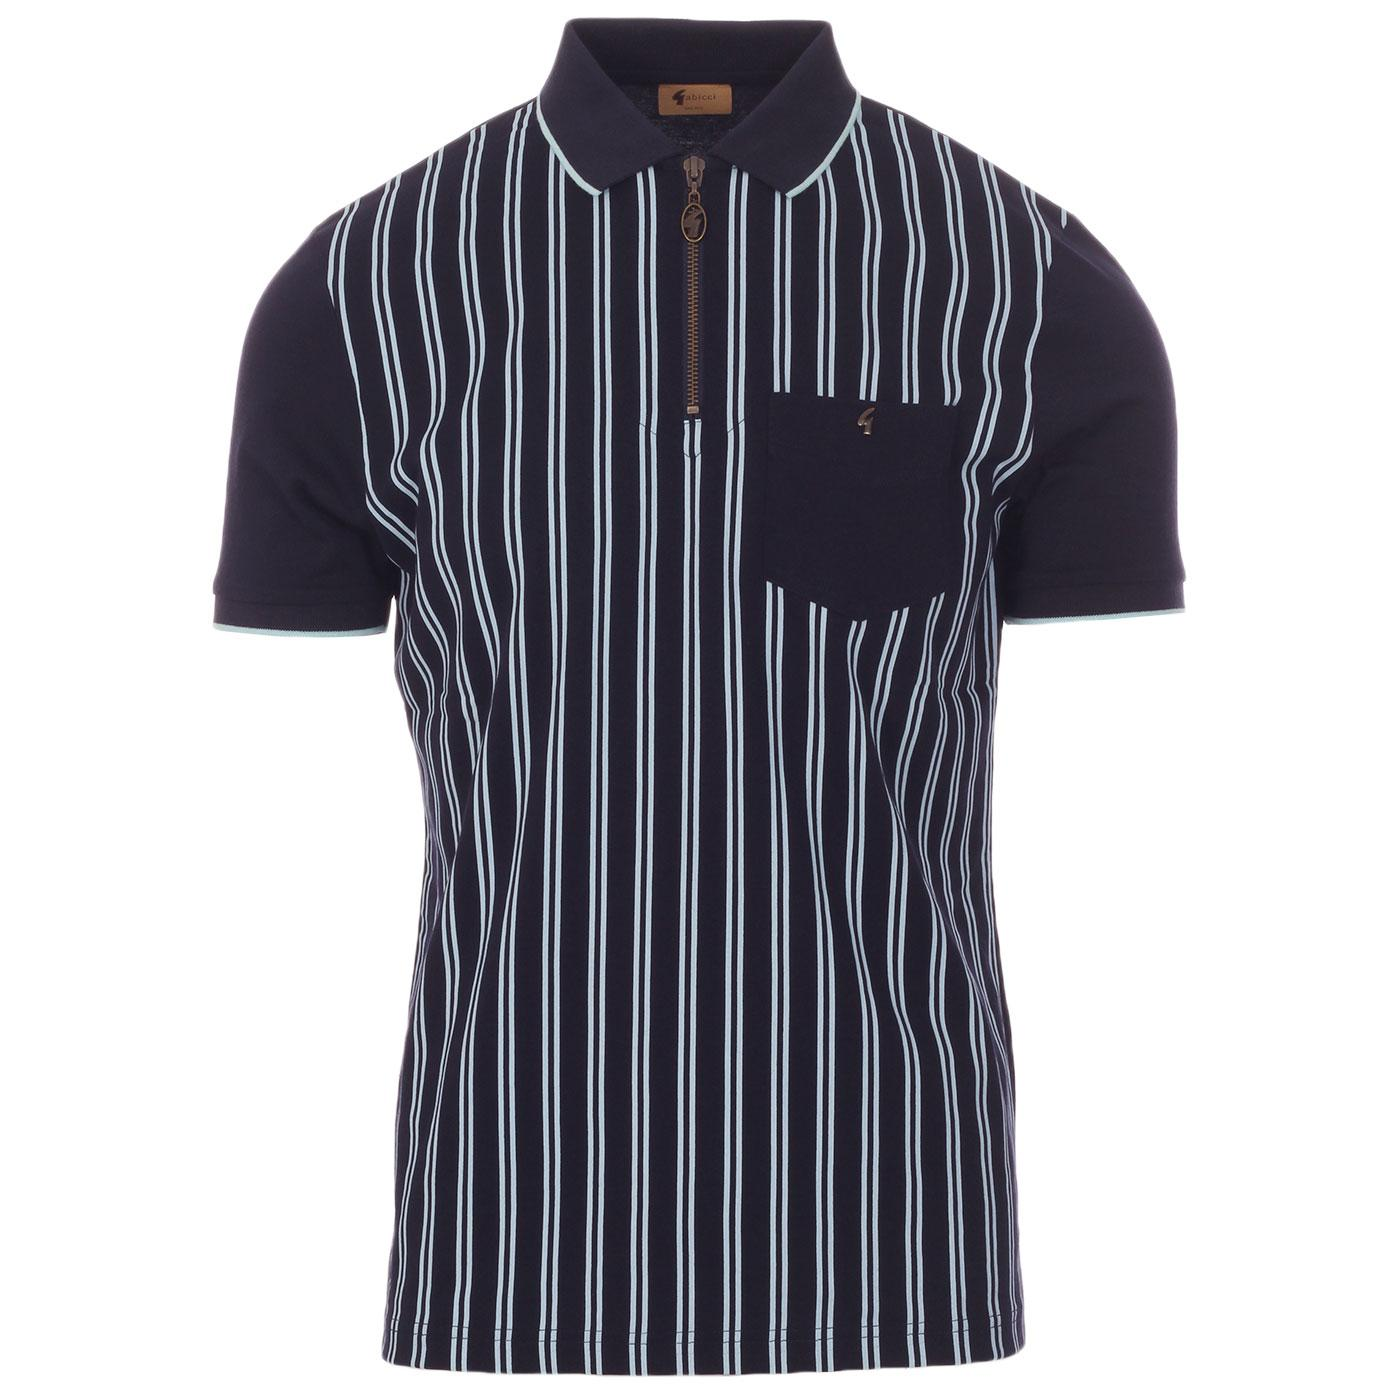 Solomon GABICCI VINTAGE Mod Stripe Zip Neck Polo N